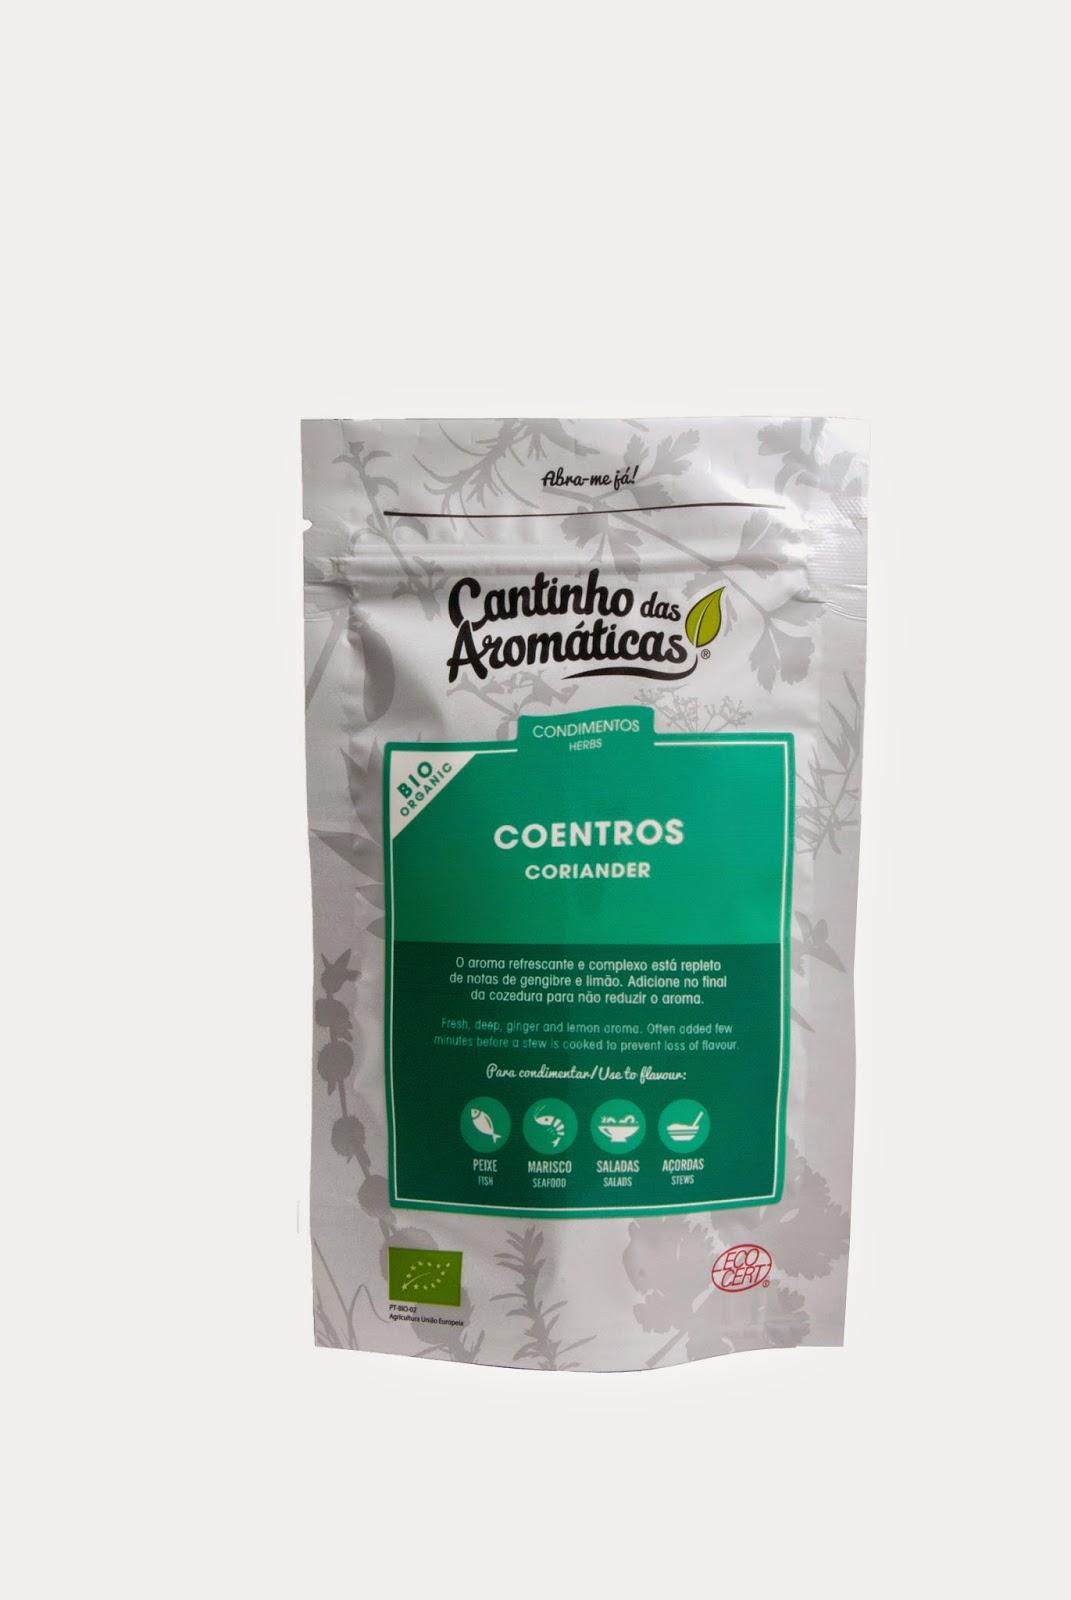 http://www.cantinhodasaromaticas.pt/loja/condimentos-bio-cantinho-das-aromaticas/coentros-bio-embalagem-20g/